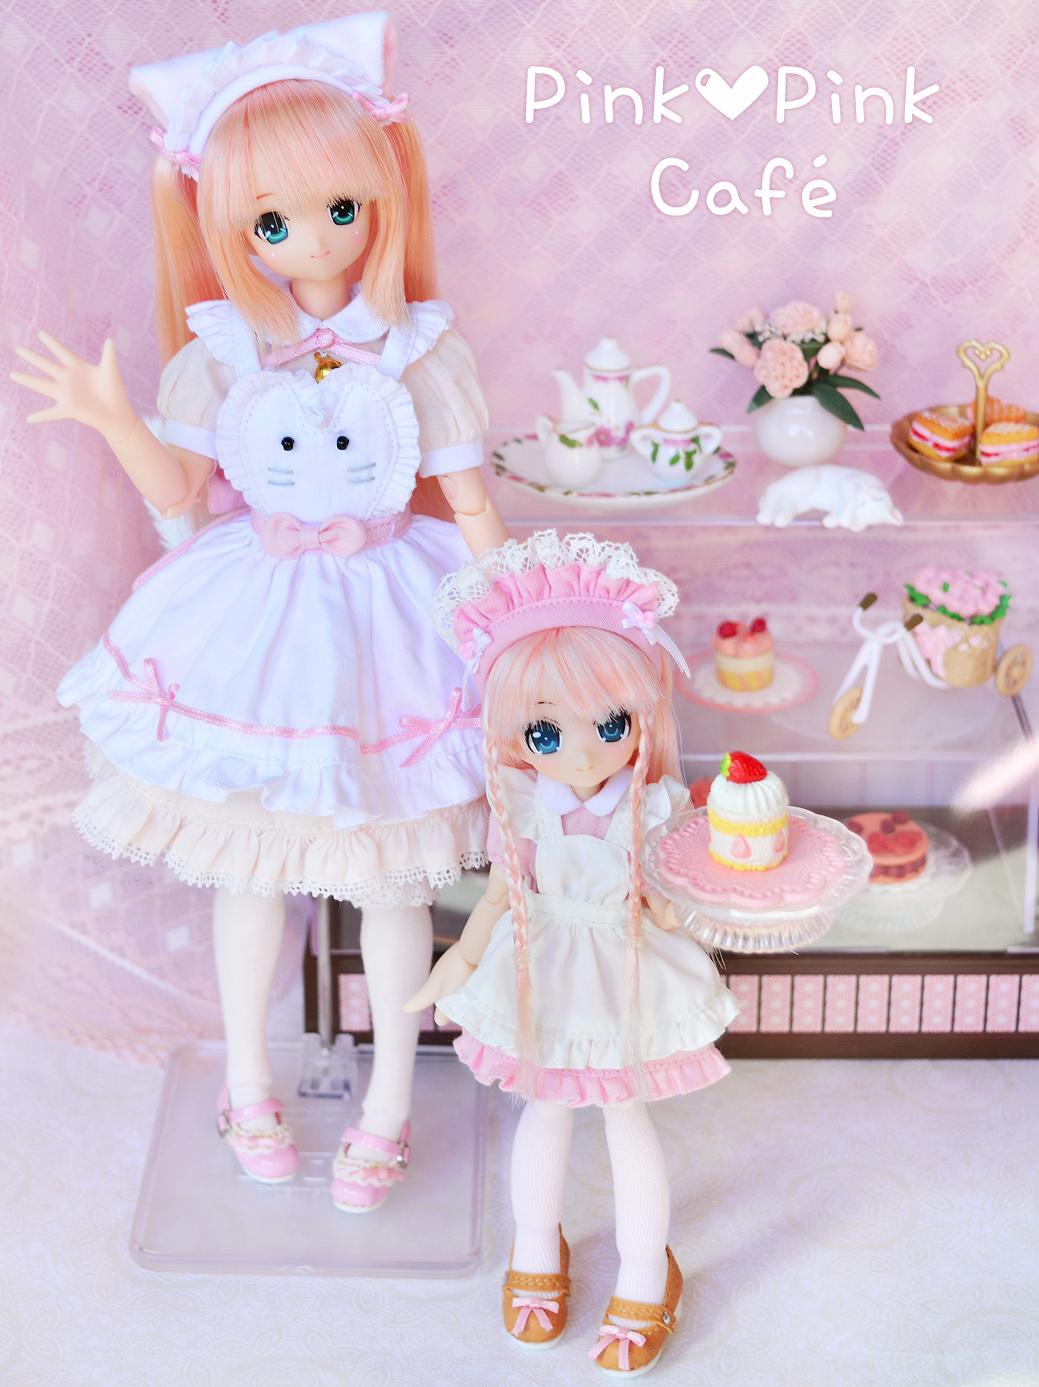 chizuru azone maya mina pureneemo doll_clothes sahra's_à_la_mode pureneemo_s_size_costume picconeemo lil'_fairy erunoe